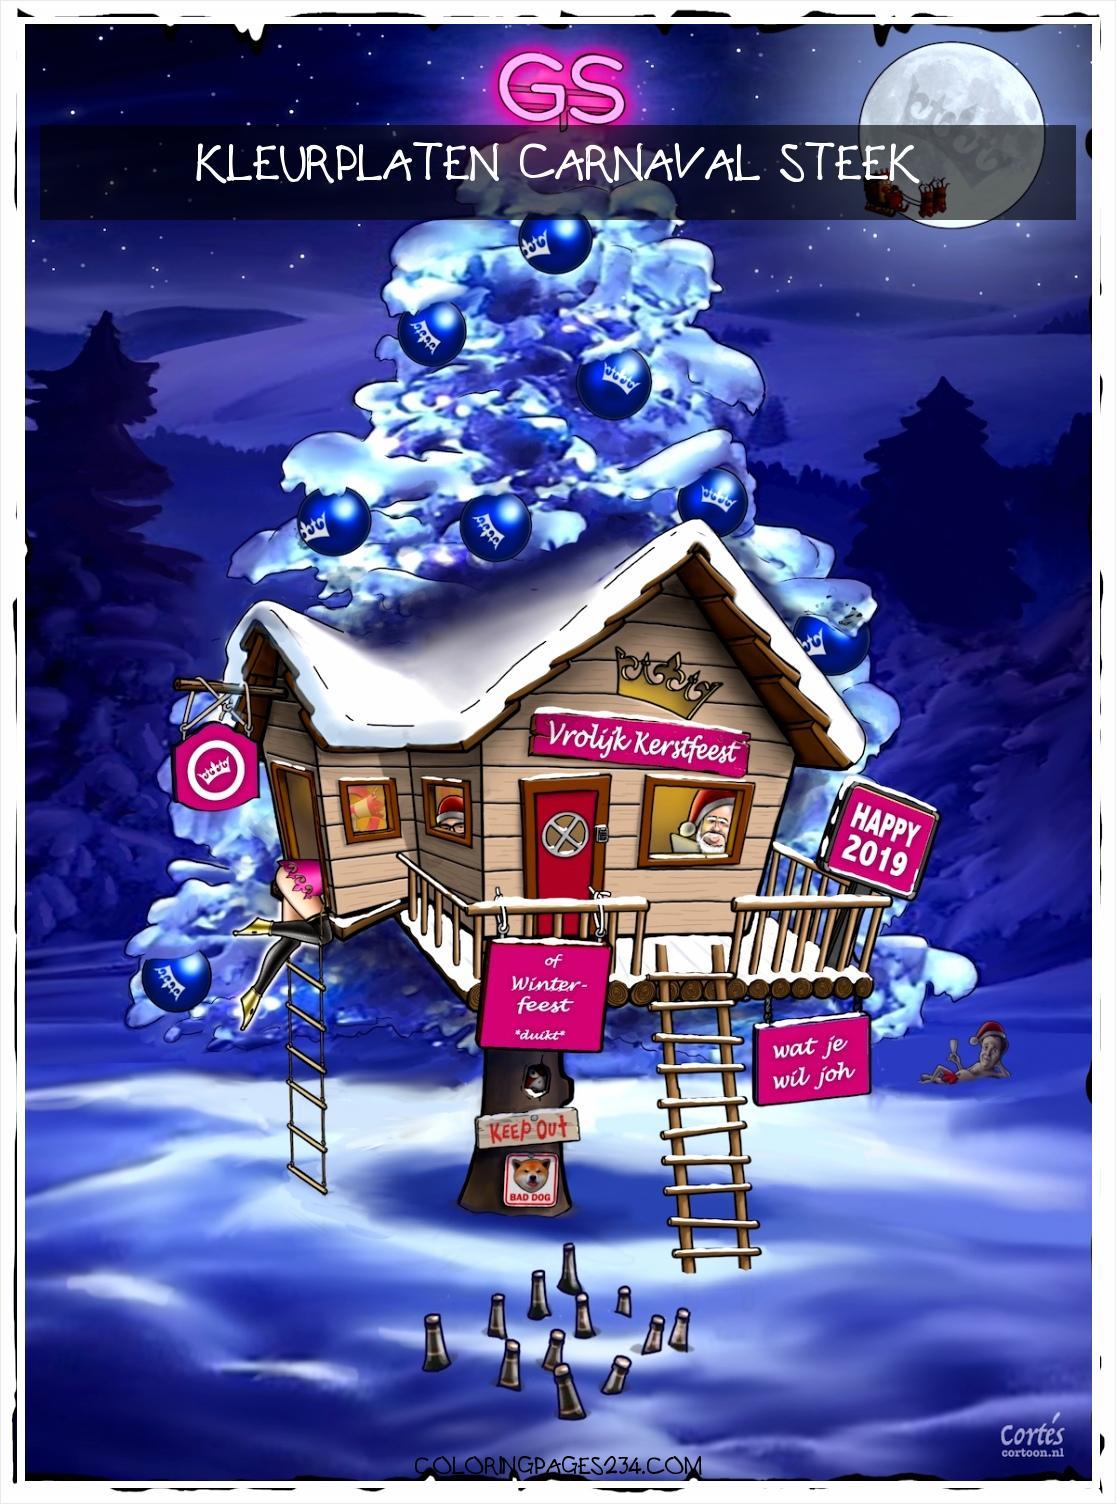 GeenStijl Vredige Kerst allen 2019 wordt een revolutiejaar kleurplaten carnaval steek, source:geenstijl.nl